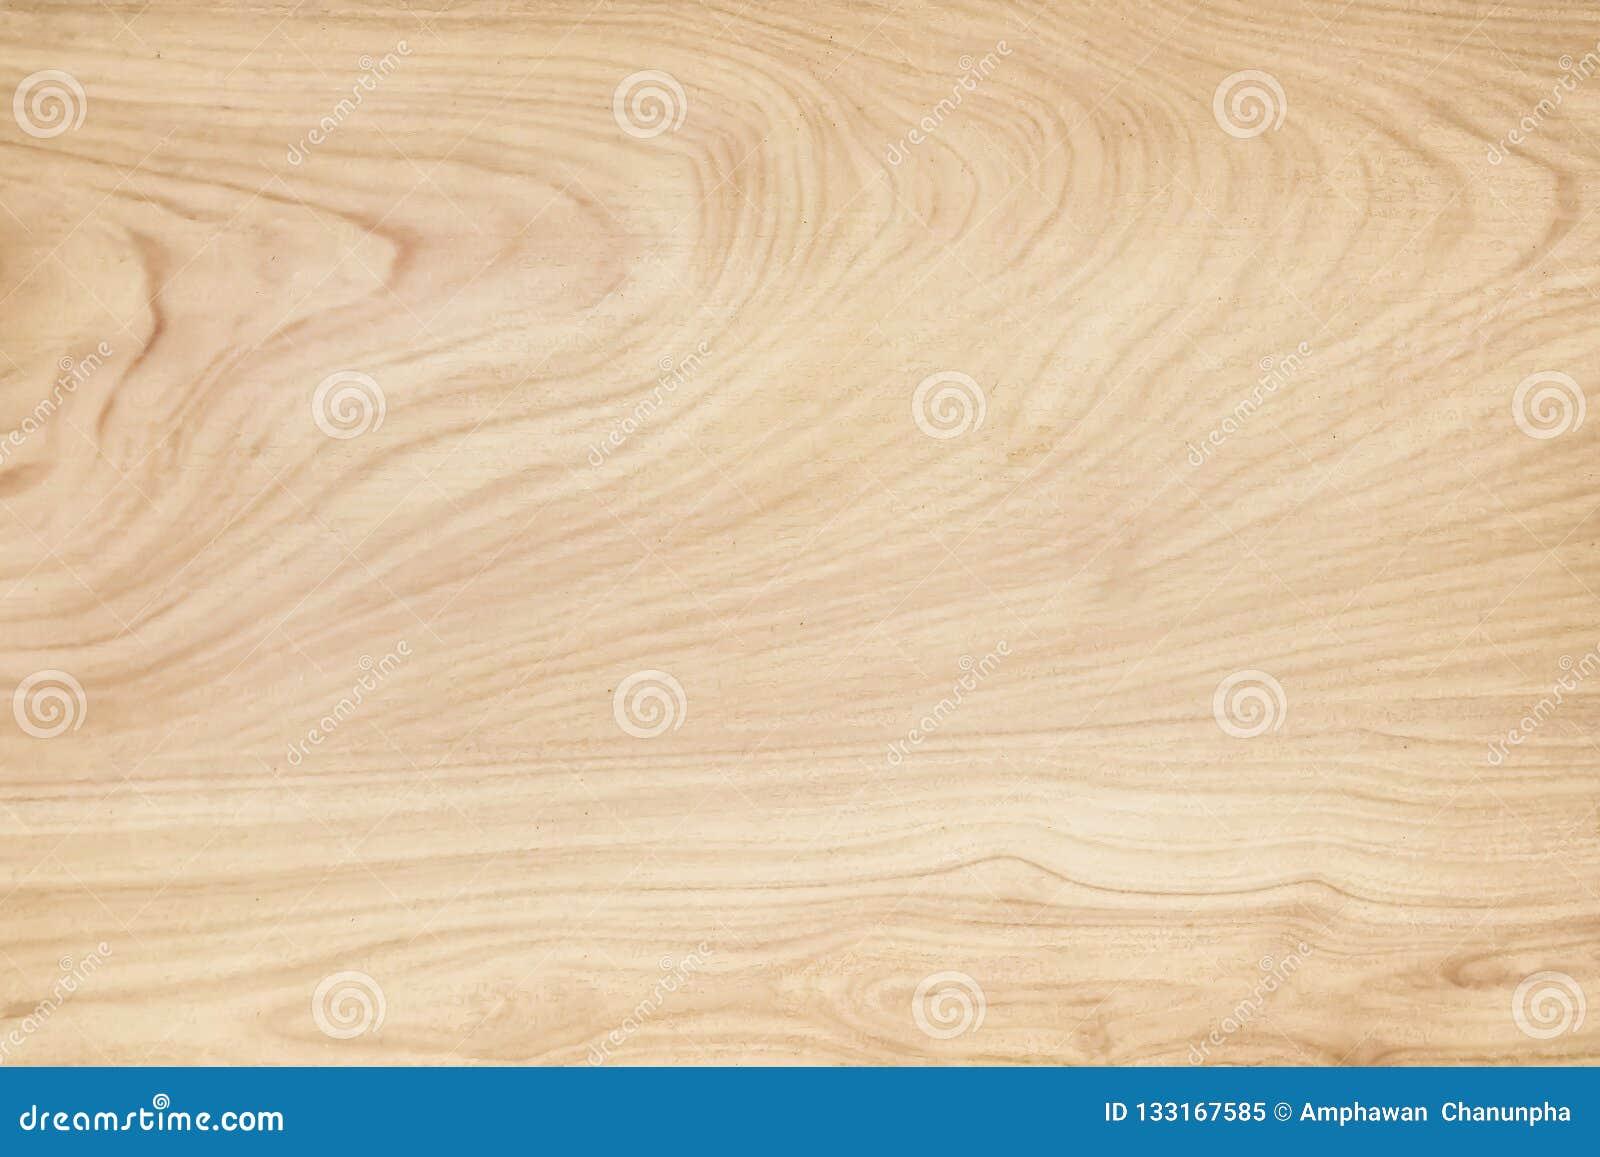 Fondo de madera de la textura de la pared, extracto natural marrón claro de los modelos de onda en horizontal